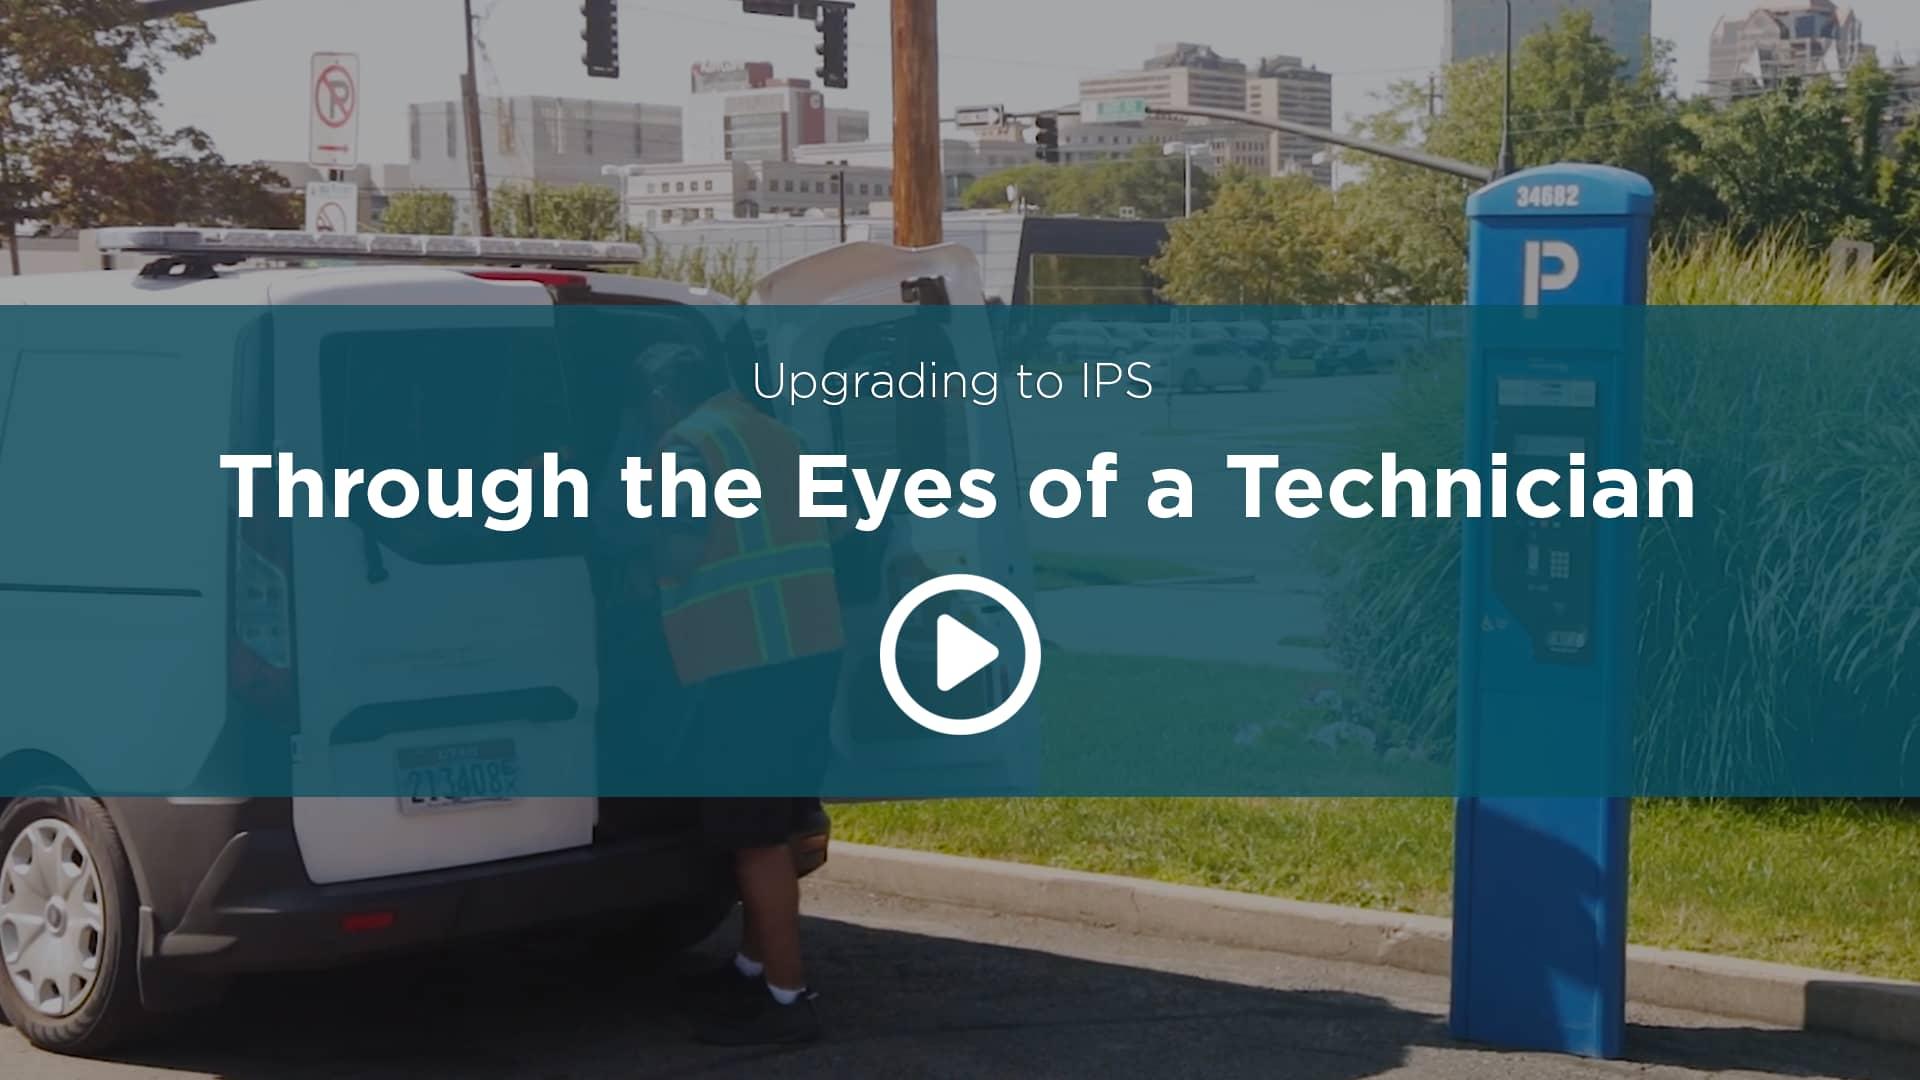 Through the Eyes of a Technician